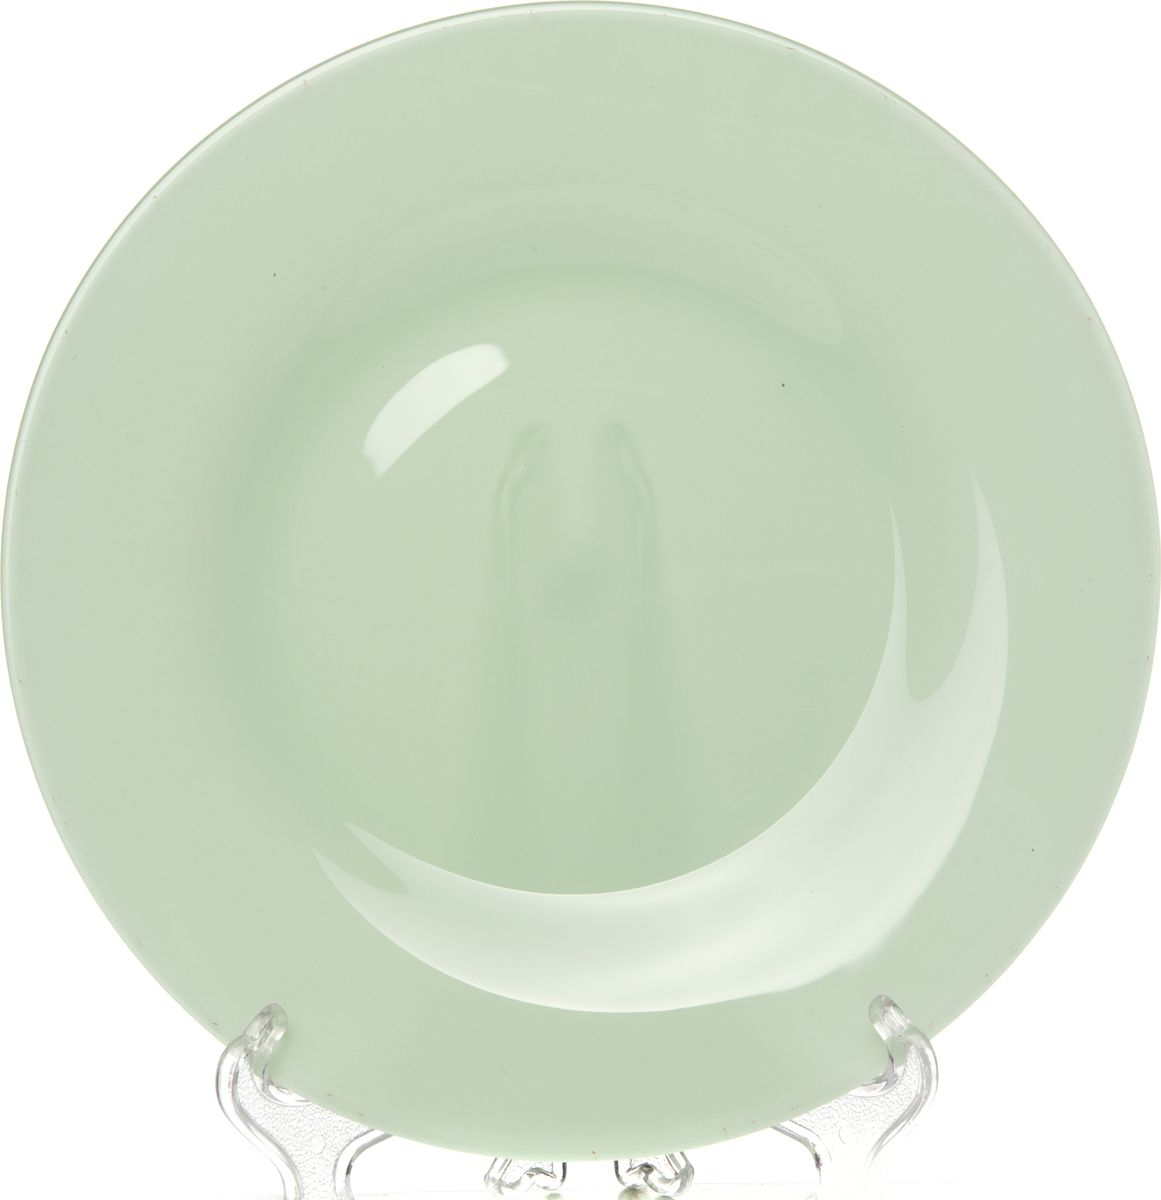 Тарелка Pasabahce Бохо, цвет: зеленый, 26 см. 28815B1664Тарелка обеденная из упрочненного стекла зеленого цвета d=260 мм